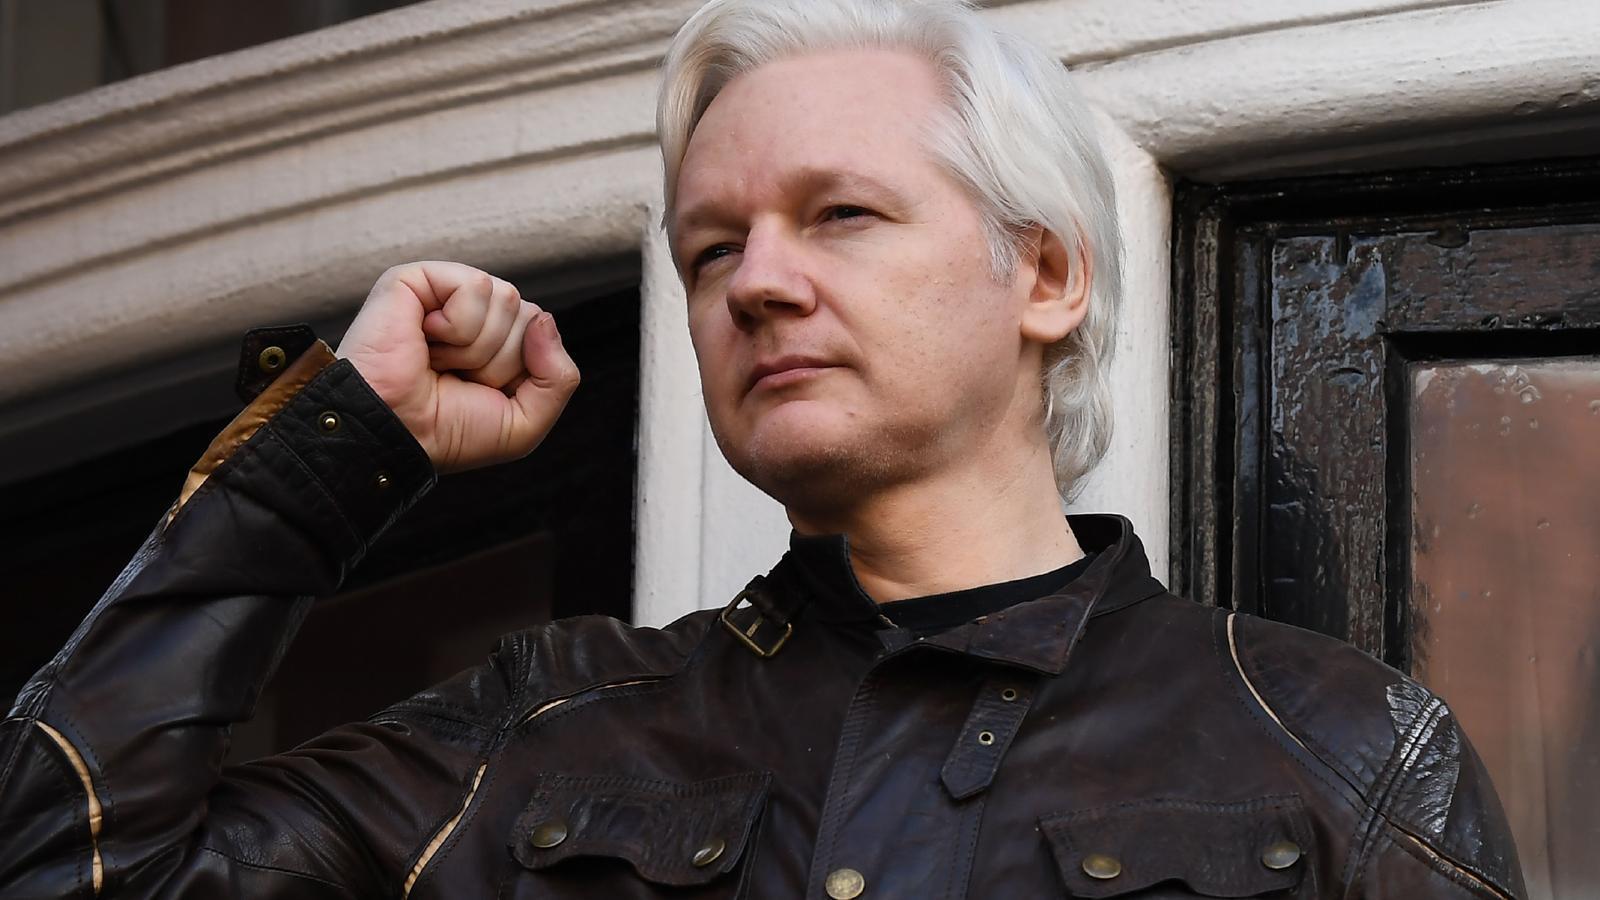 Julian Assange, en una imatge d'arxiu del maig del 2017, quan encara es refugiava a l'amabixada d'Equador a Londres